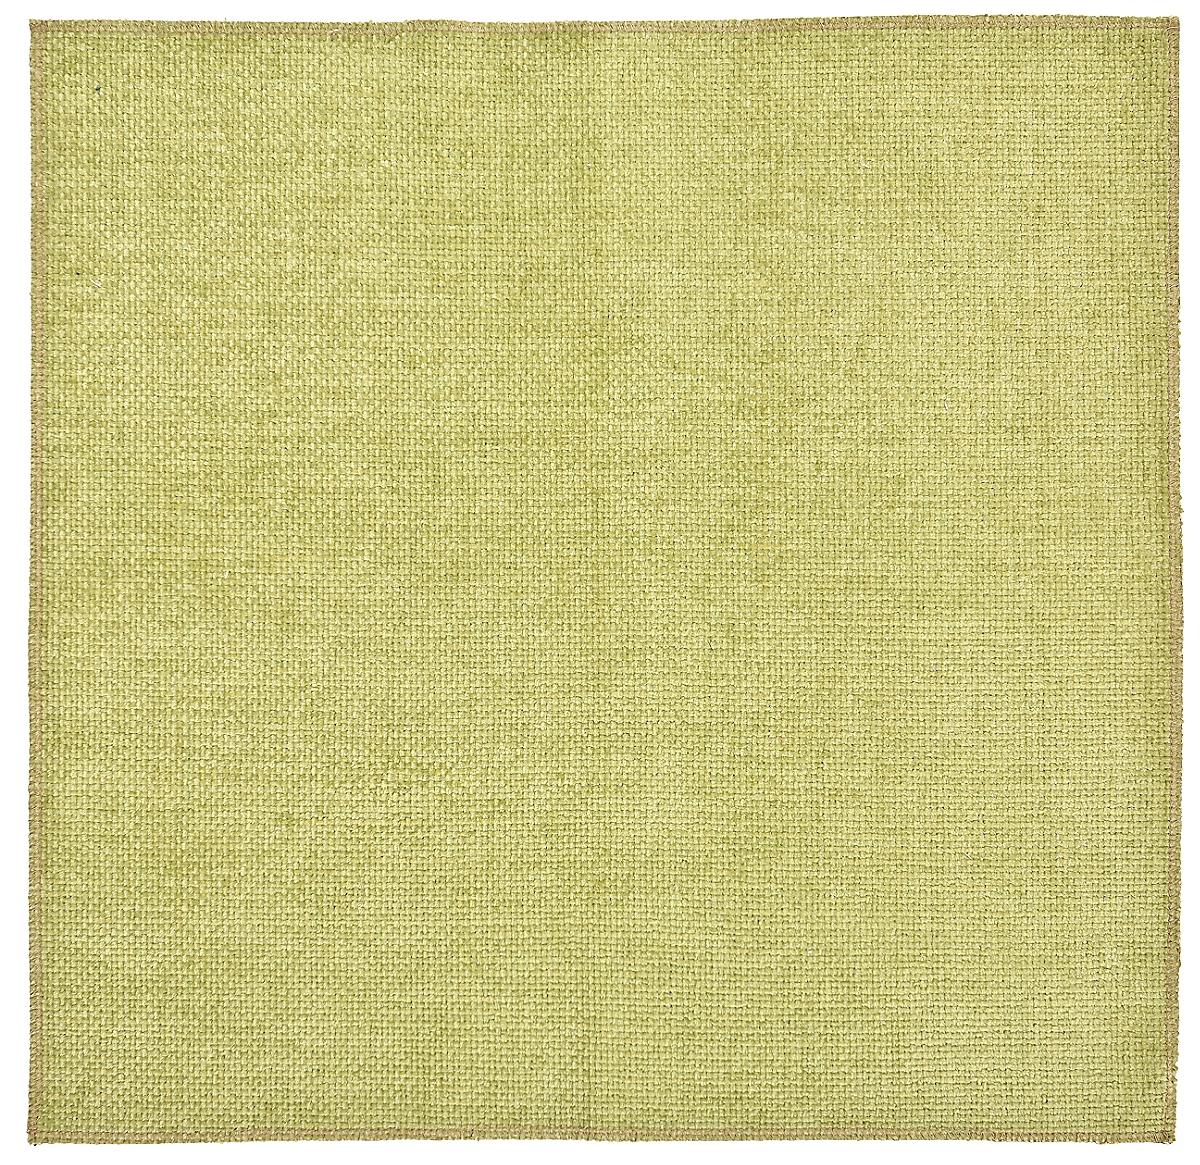 Luxe Yuri: Pickle (fabric yardage)